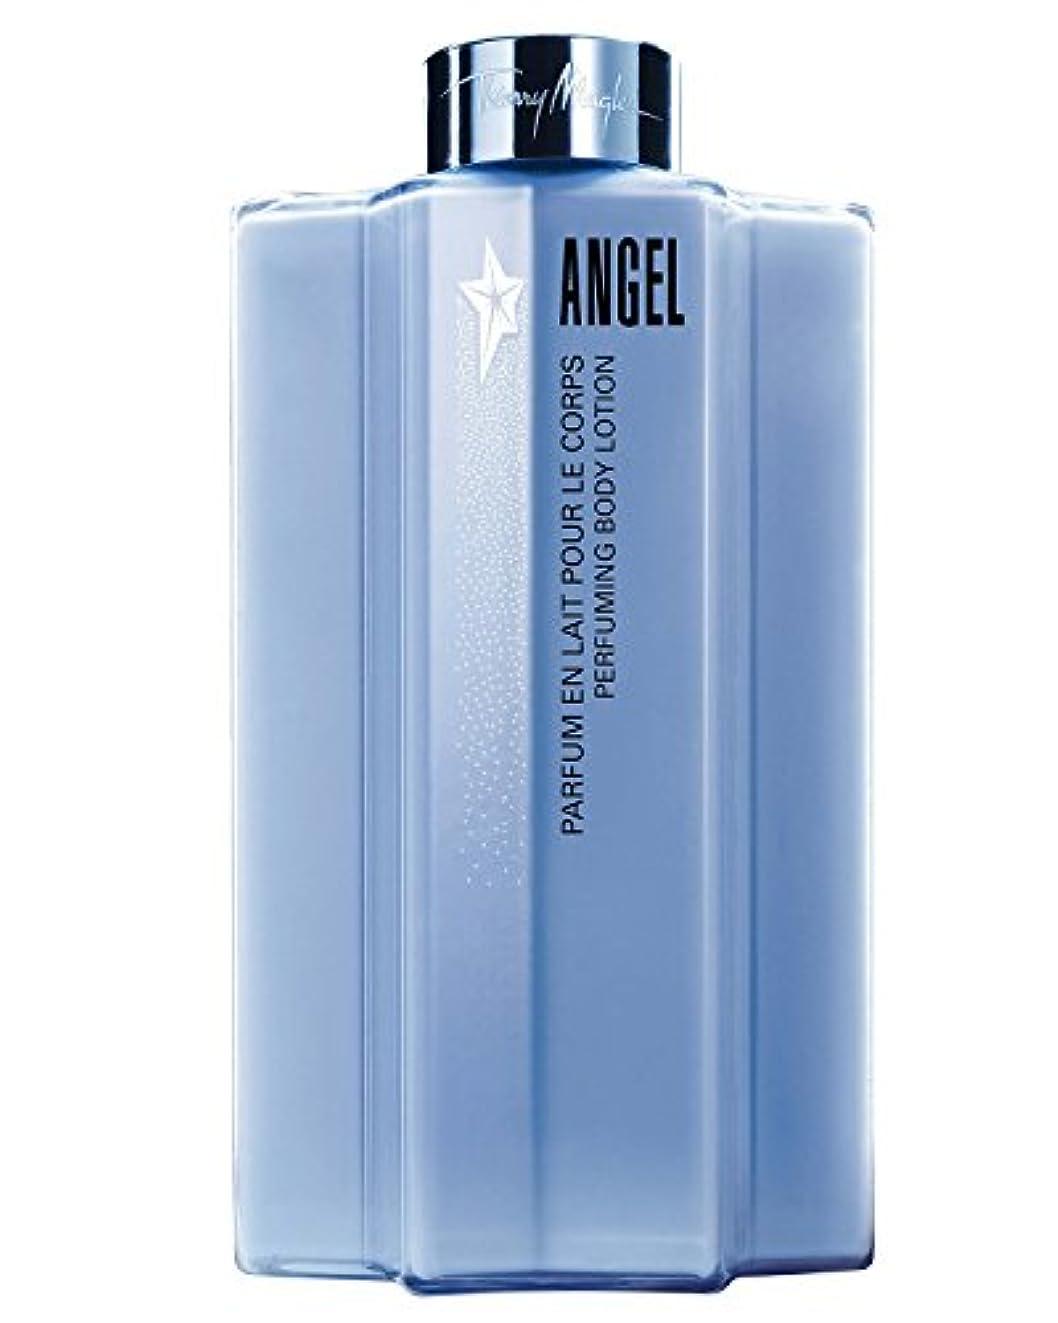 浸漬起きてオークテュエリーミュグレー エンジェルボディローション 200ml THIERRY MUGLER ANGEL BODY LOTION [並行輸入品]